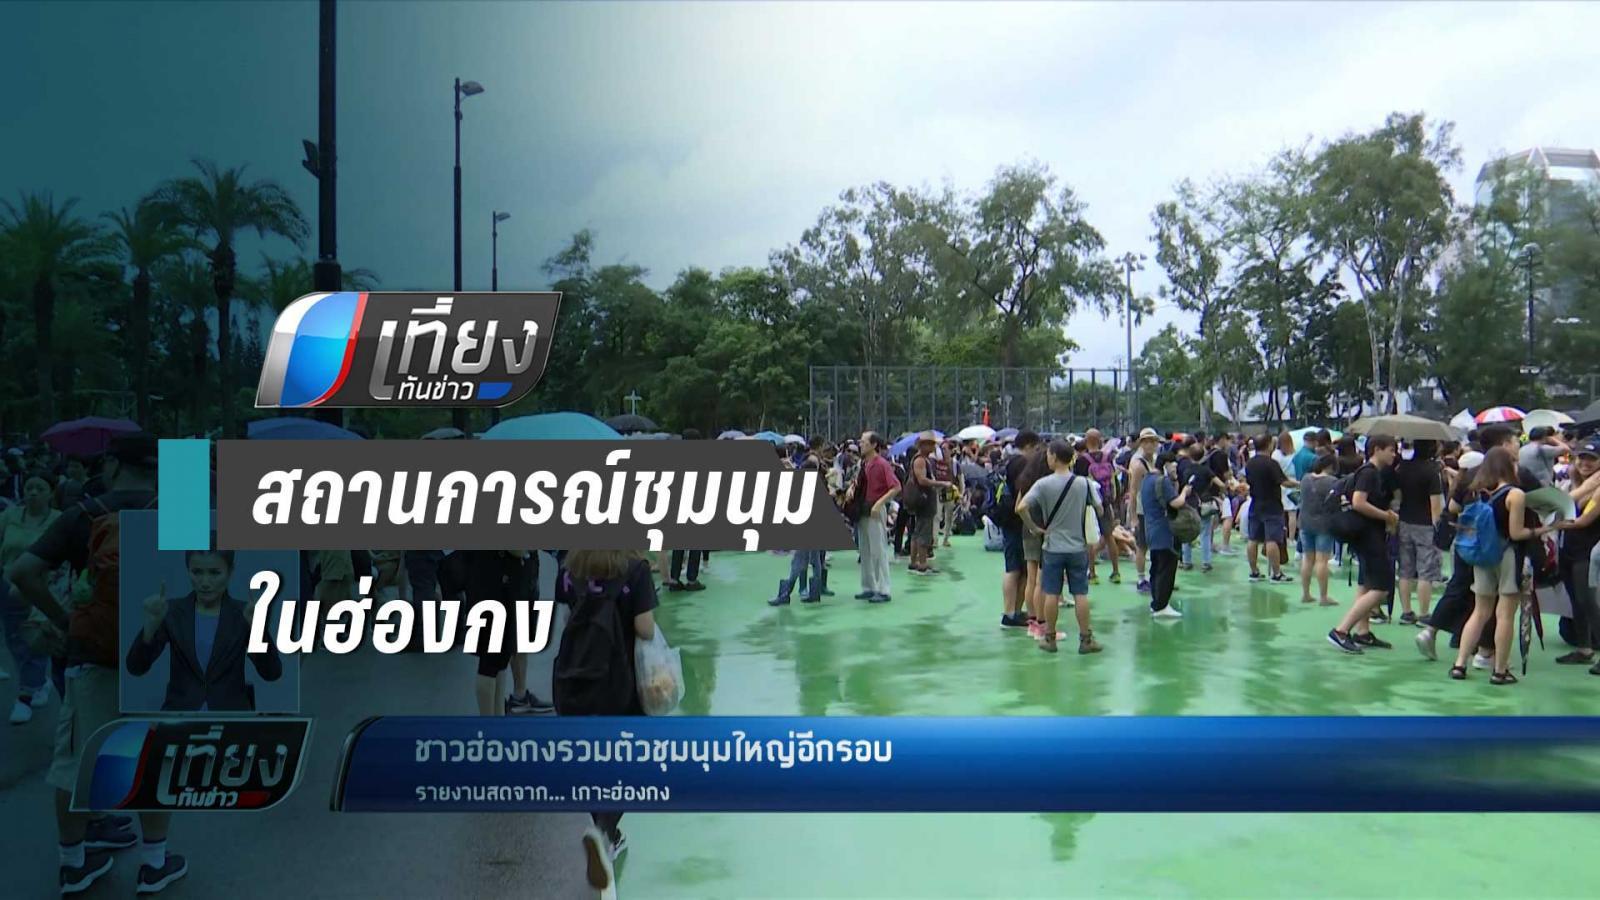 ล่าสุด !! สถานการณ์ชุมนุมในฮ่องกง